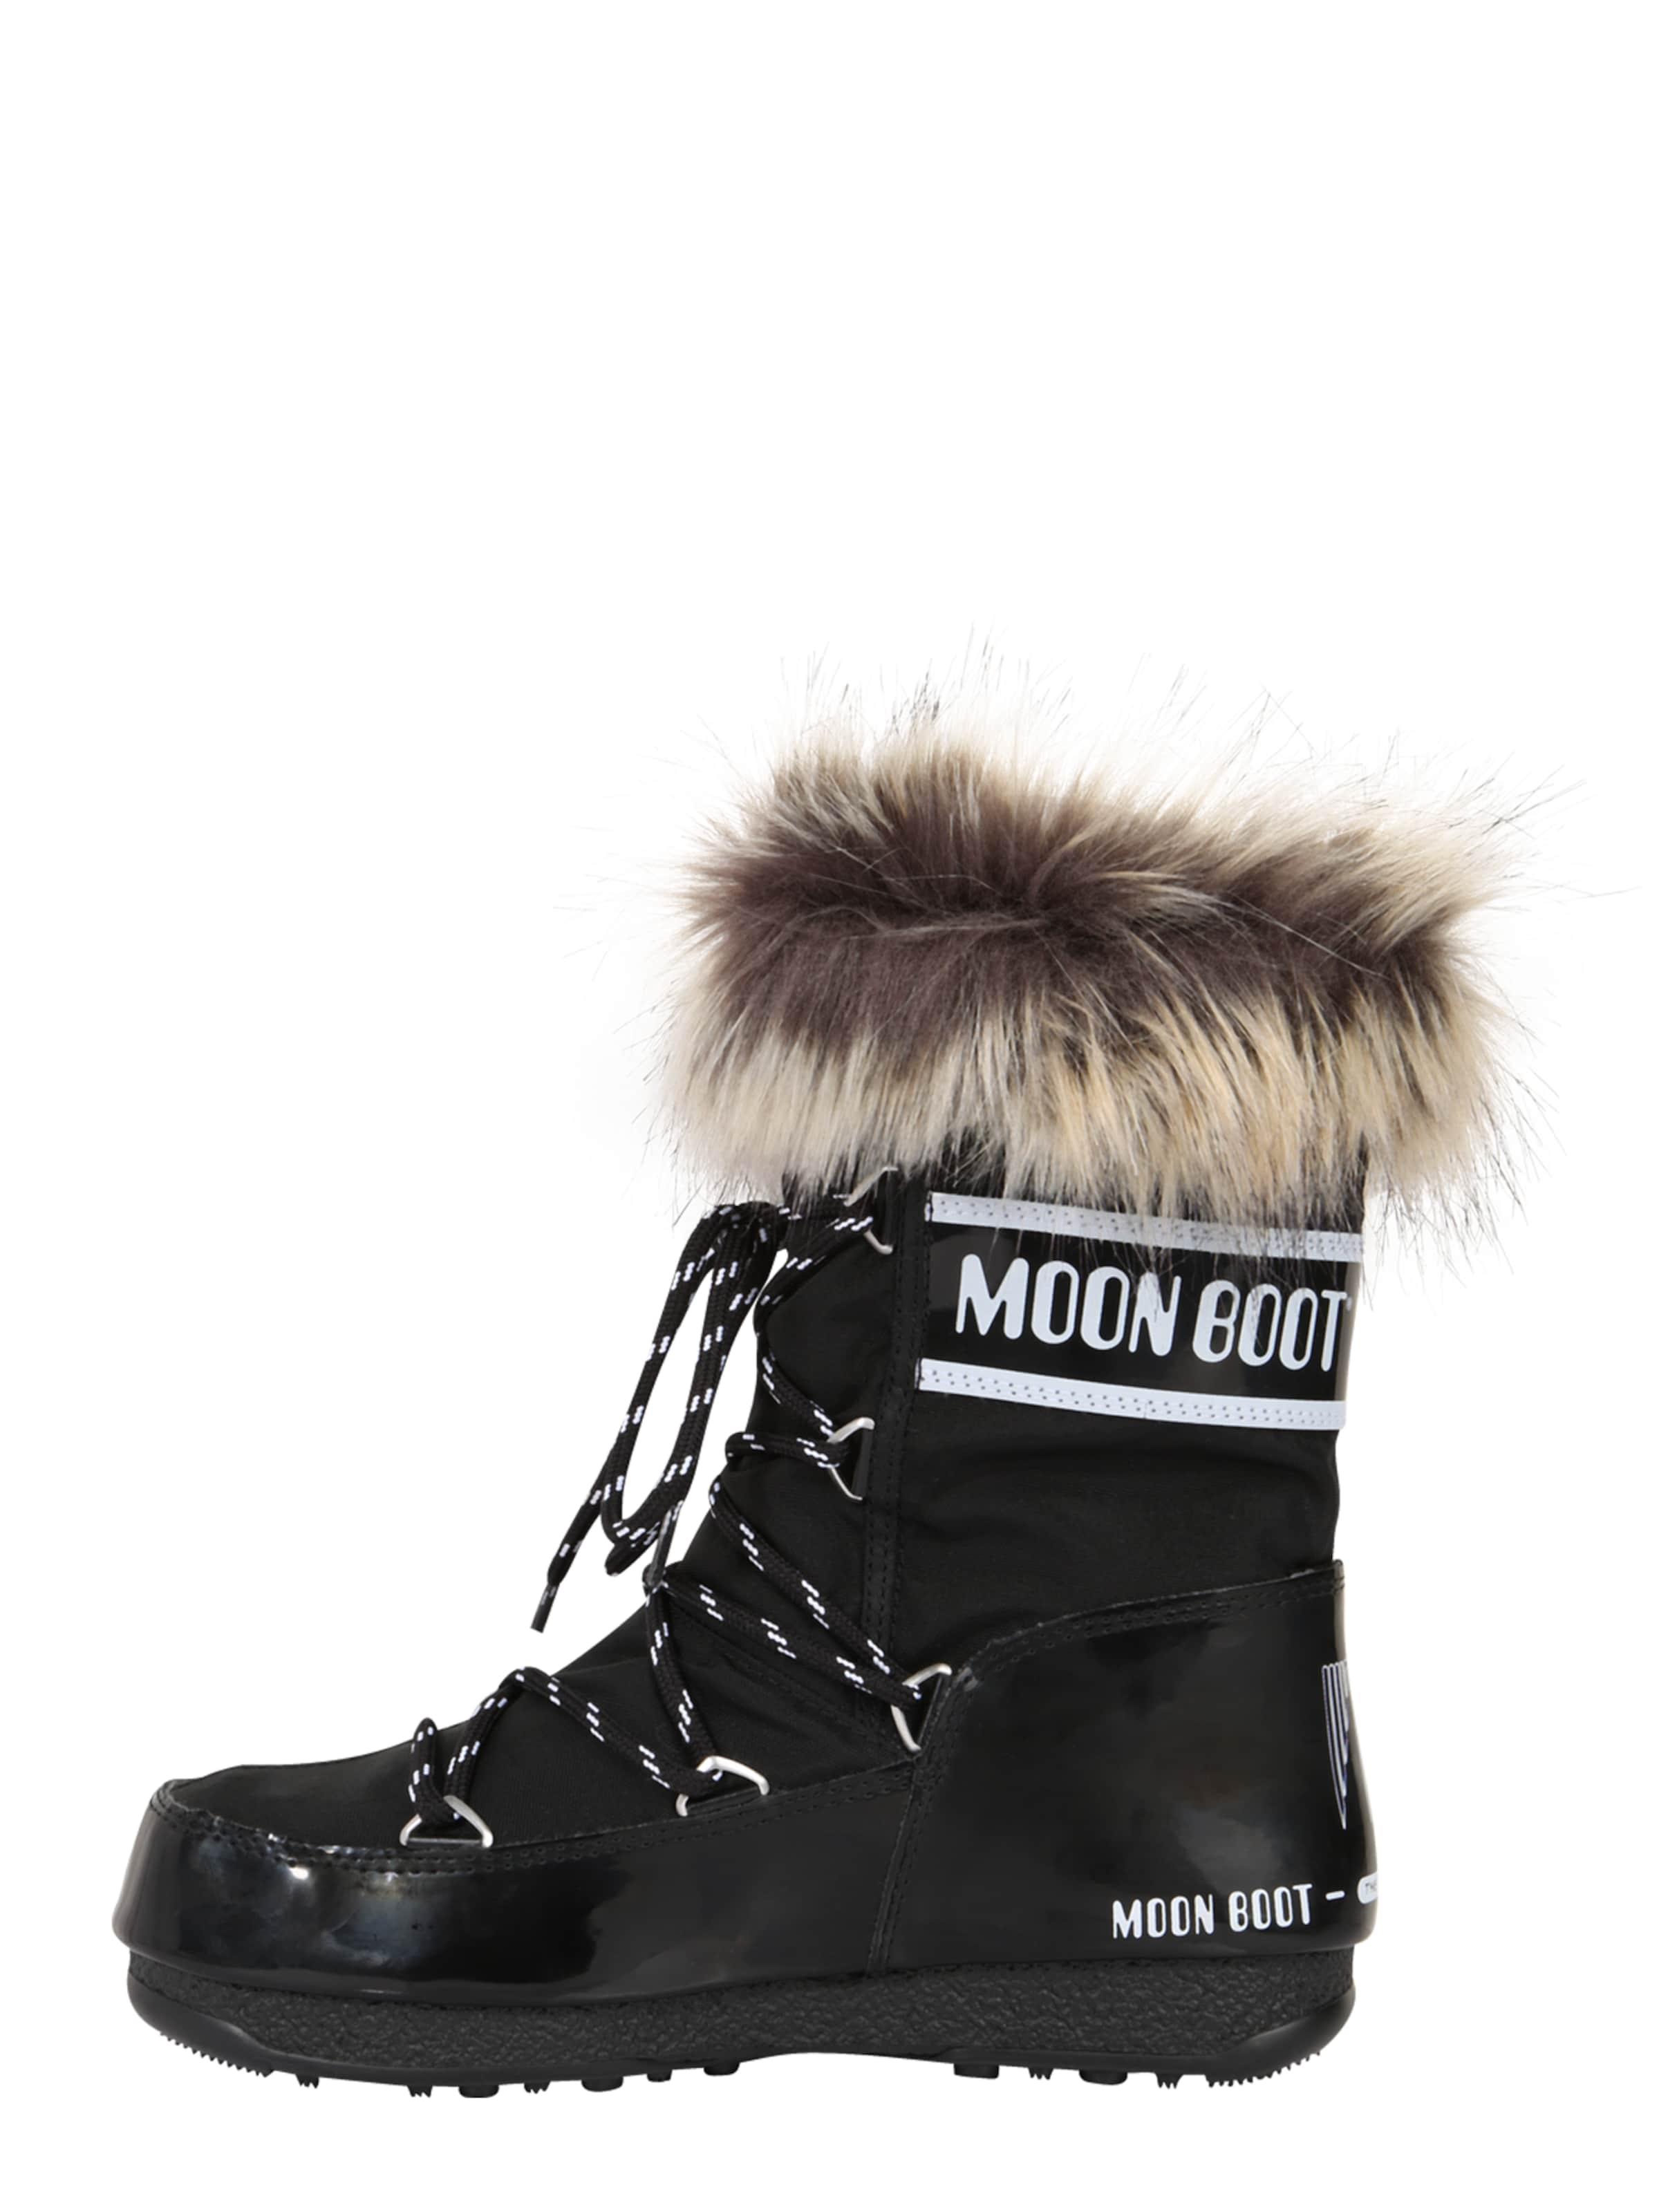 Stiefel Boot Moon In Schwarz Boot Stiefel Moon iuOkXZTPw